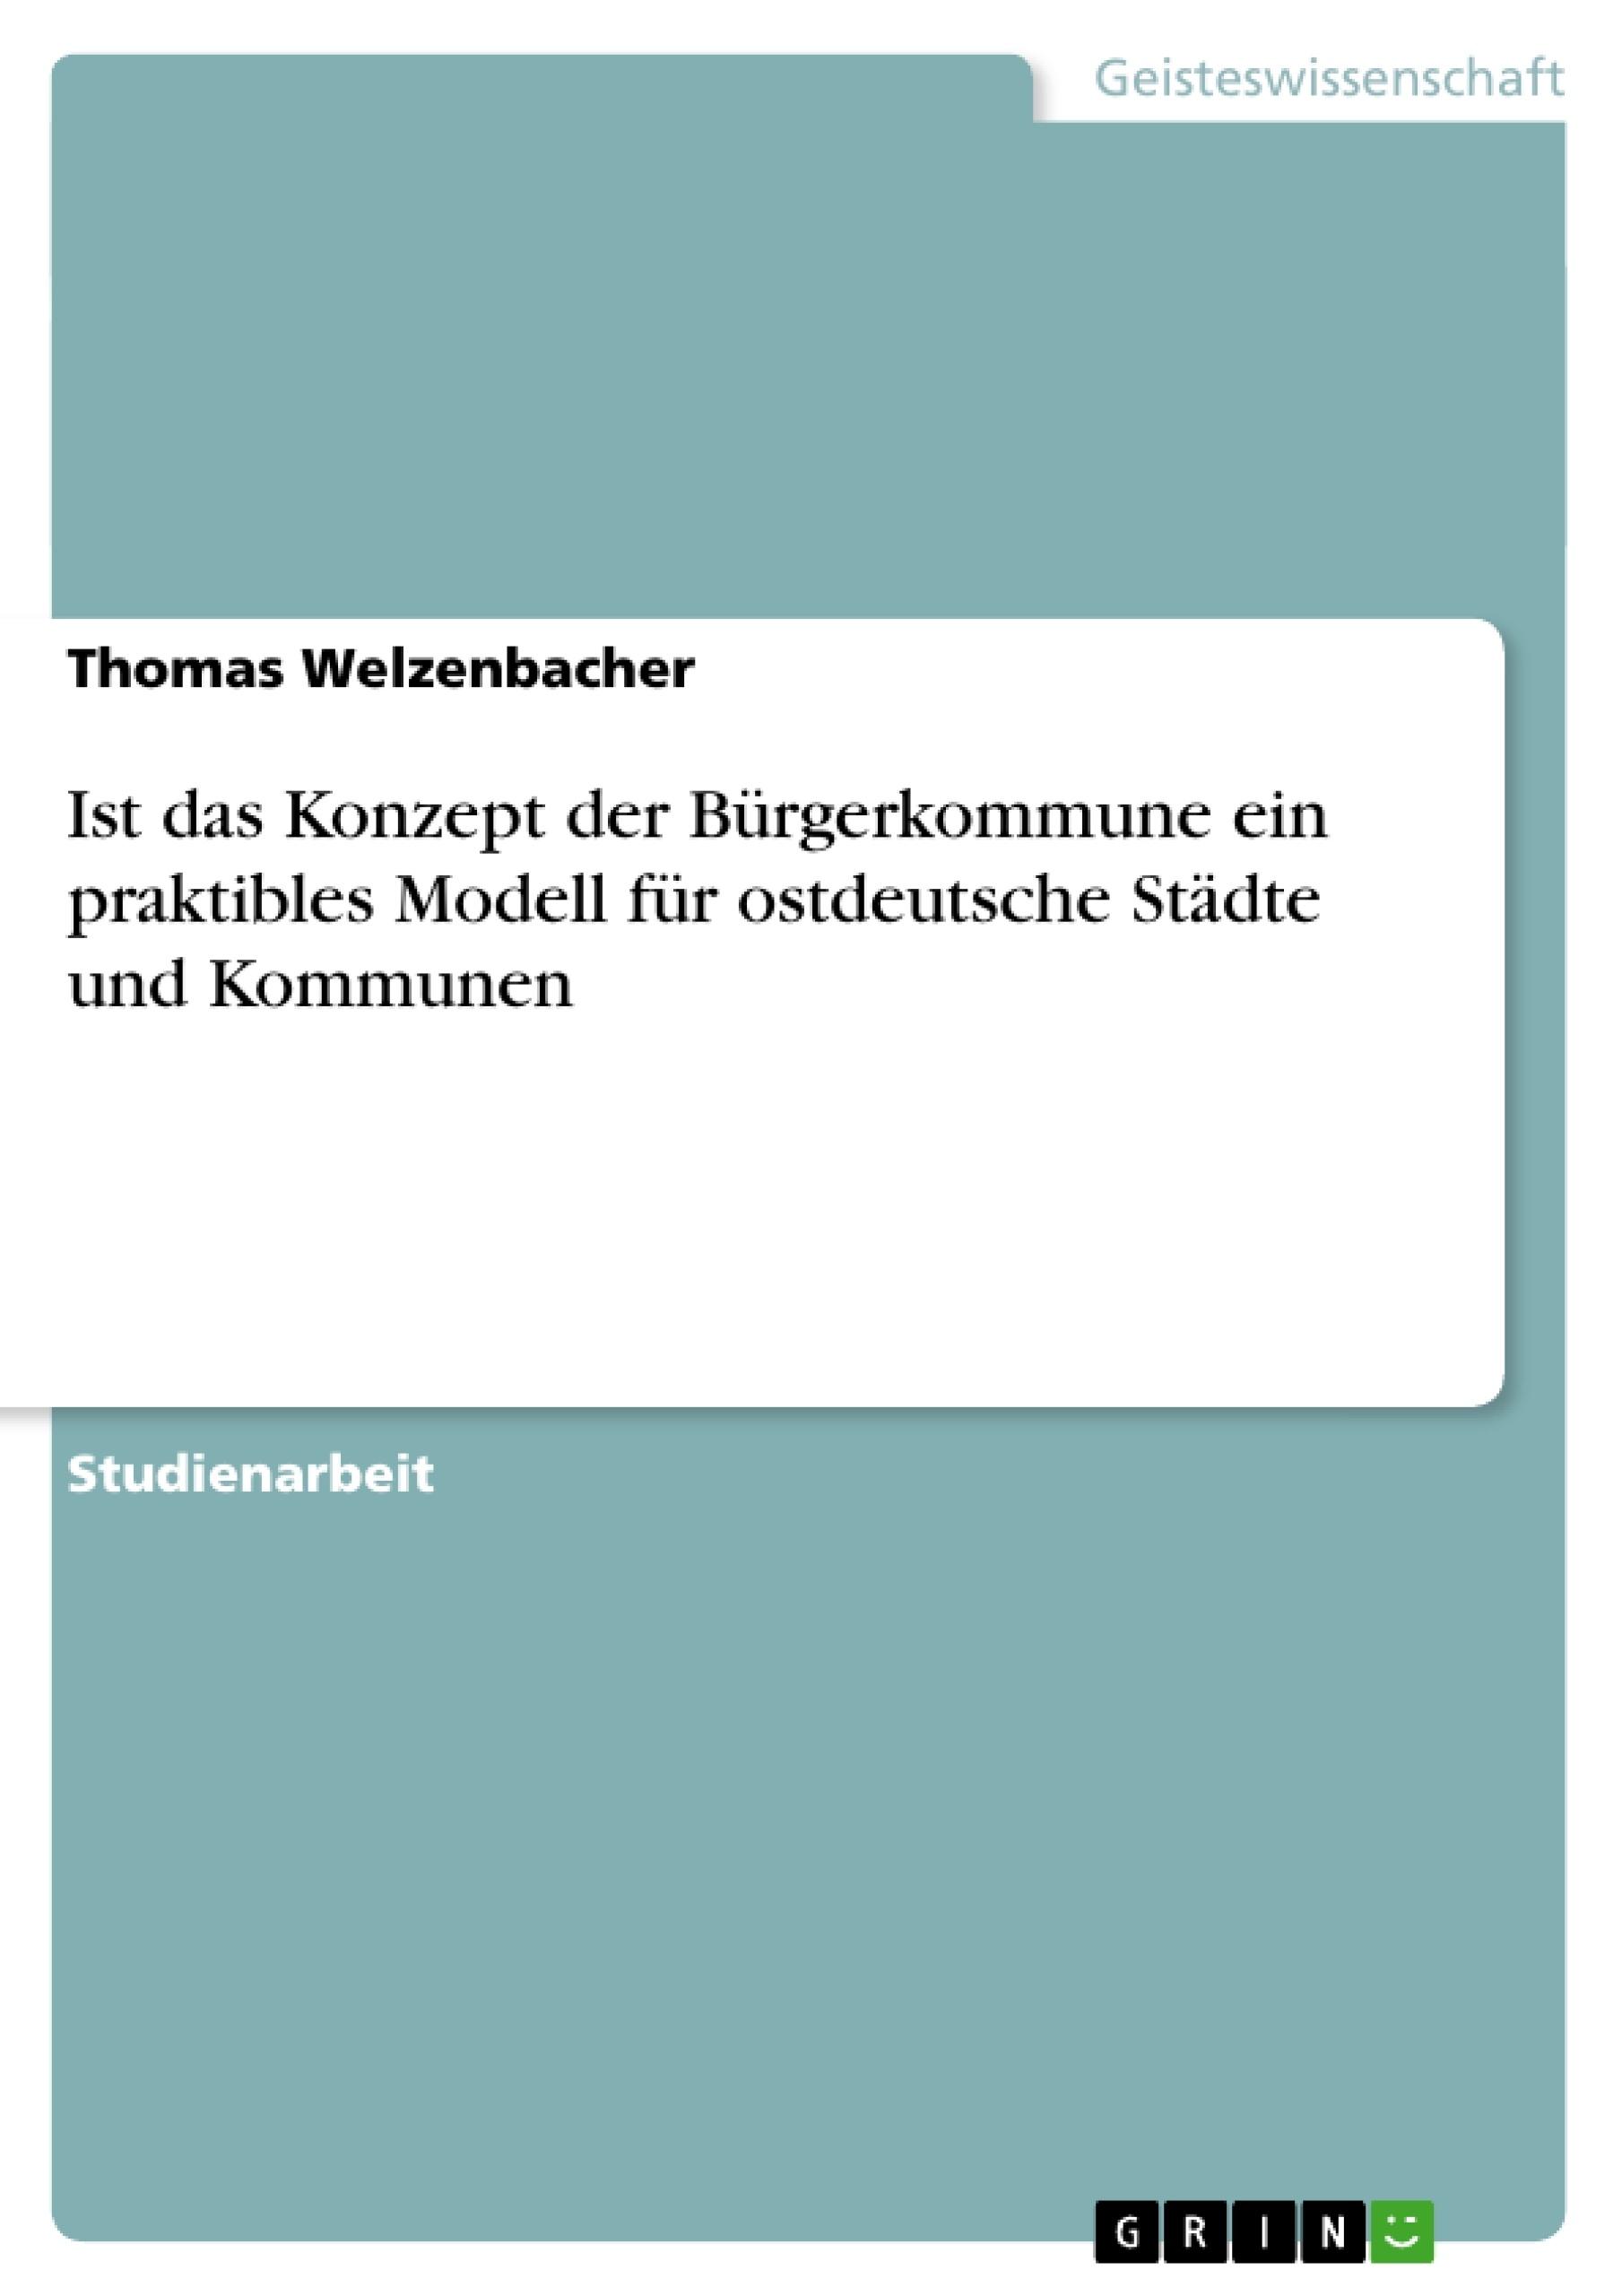 Titel: Ist das Konzept der Bürgerkommune ein praktibles Modell für ostdeutsche Städte  und Kommunen